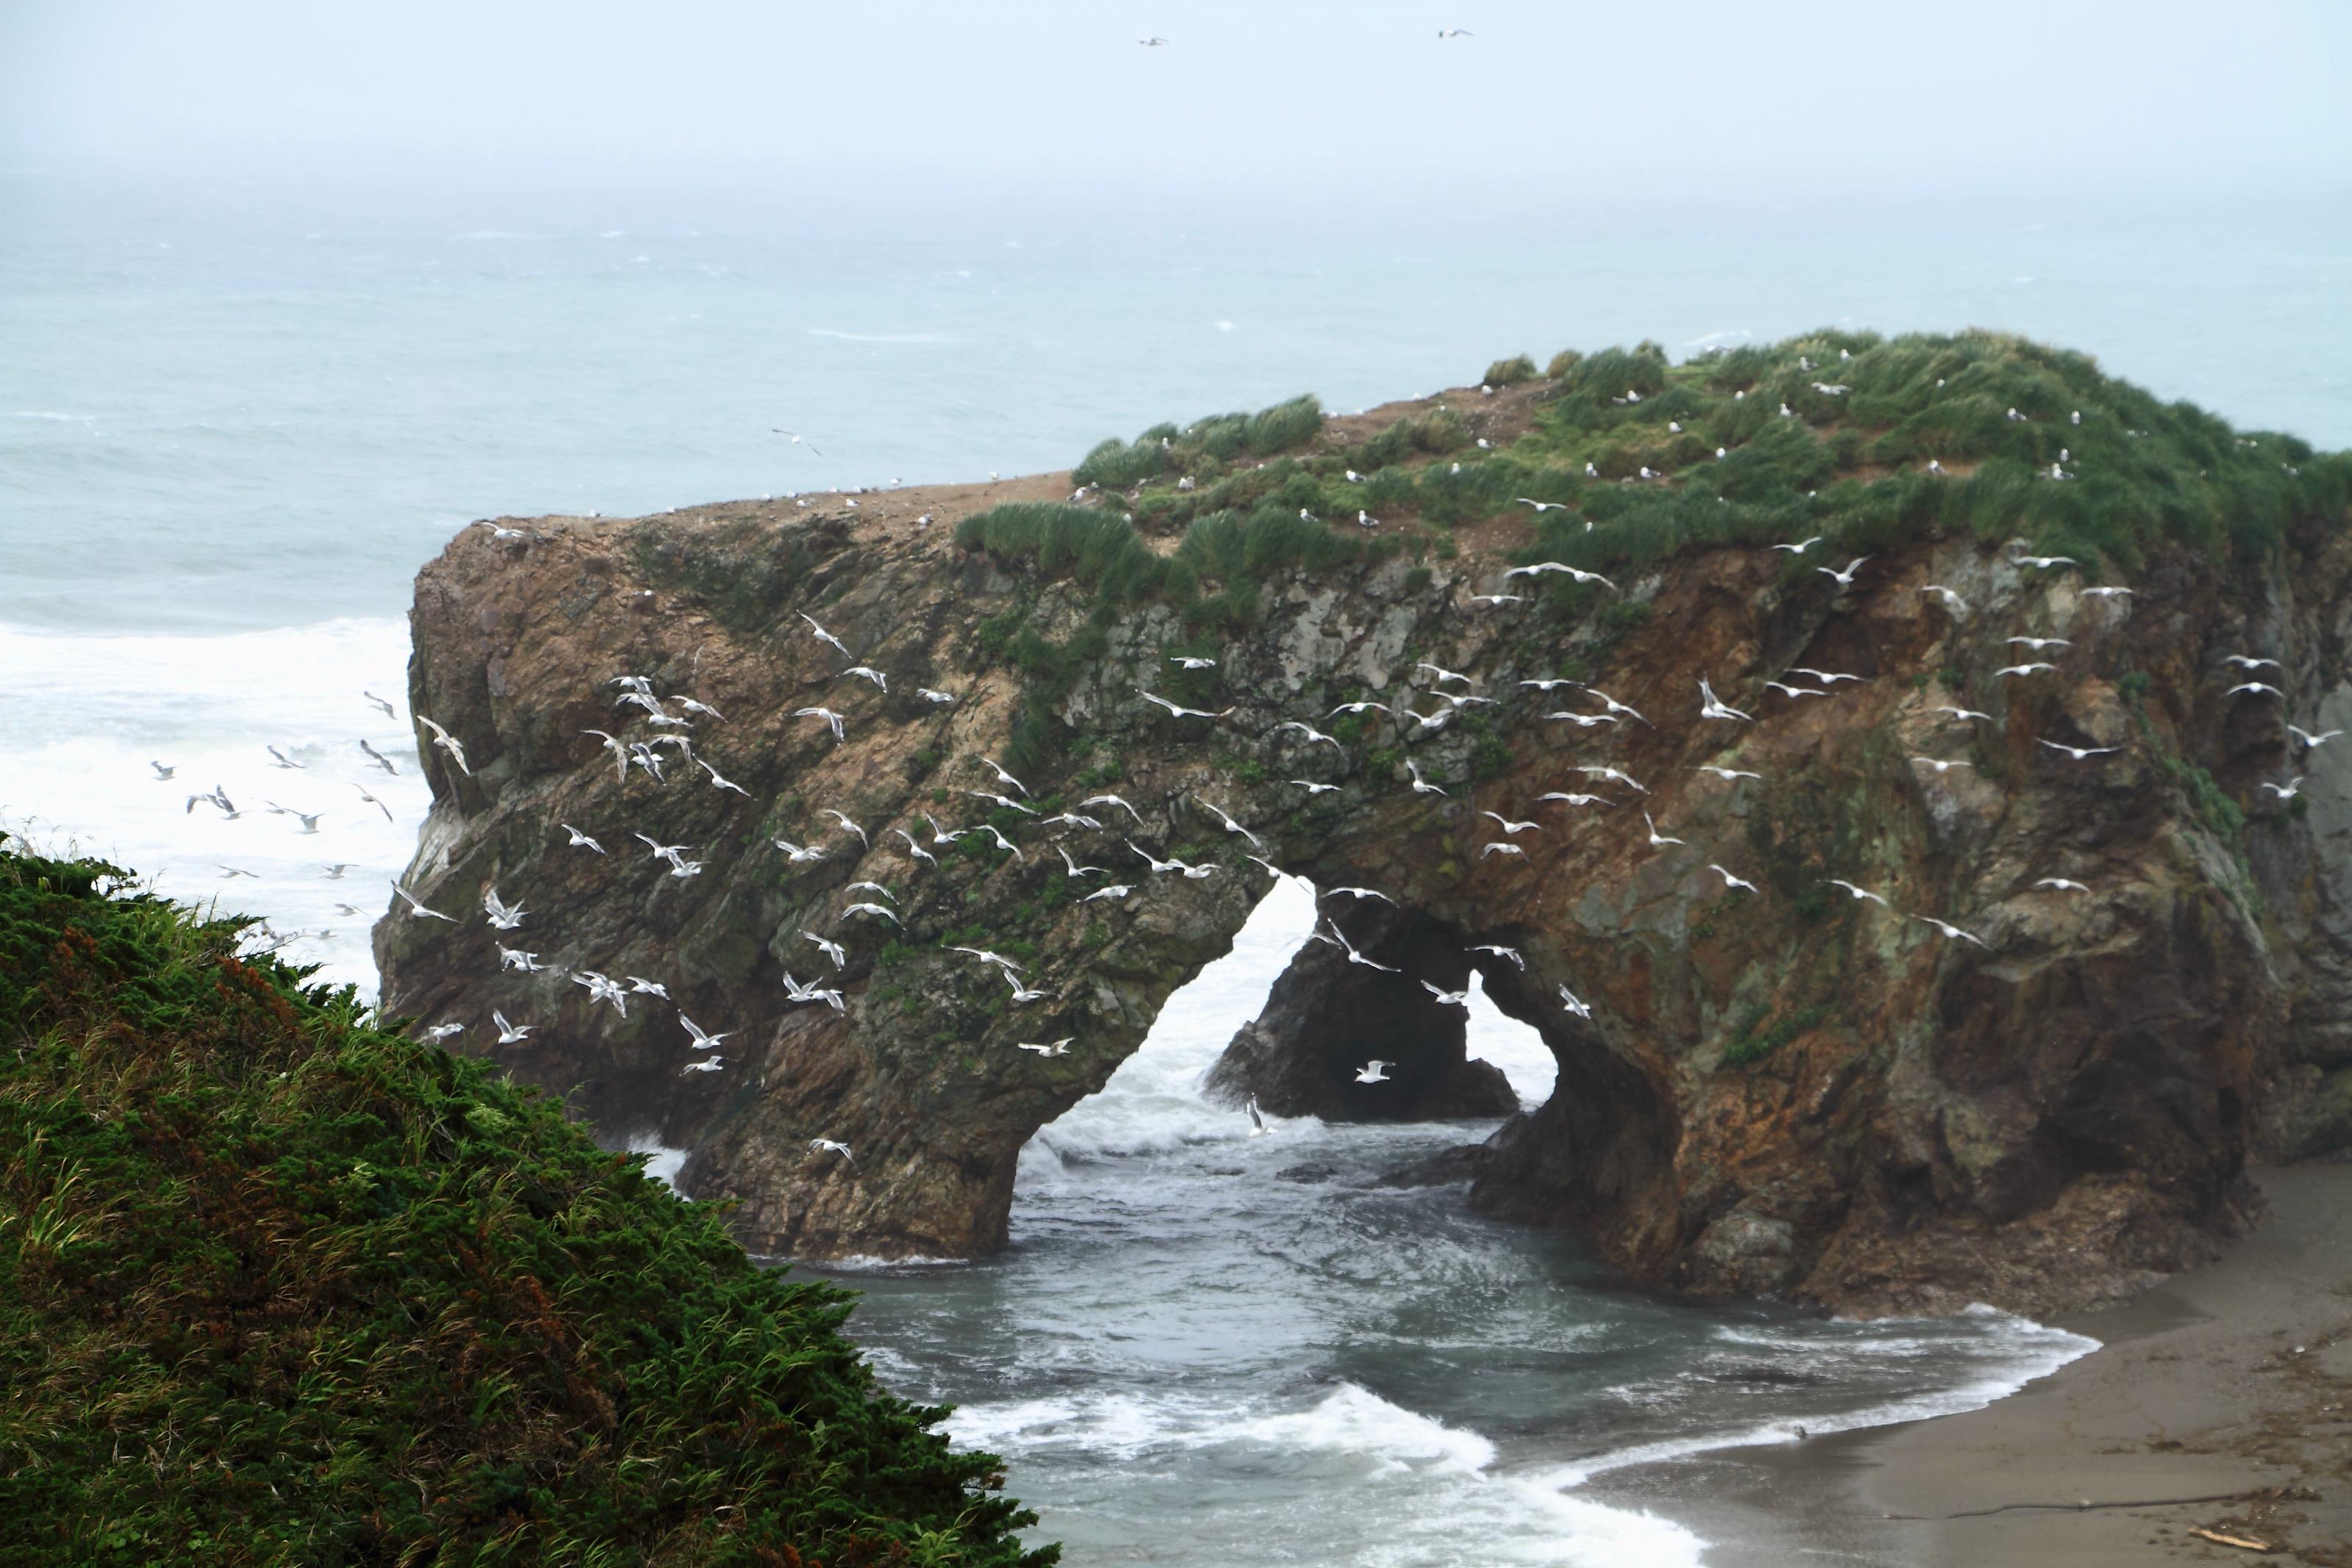 Пейзаж сахалина фото моря